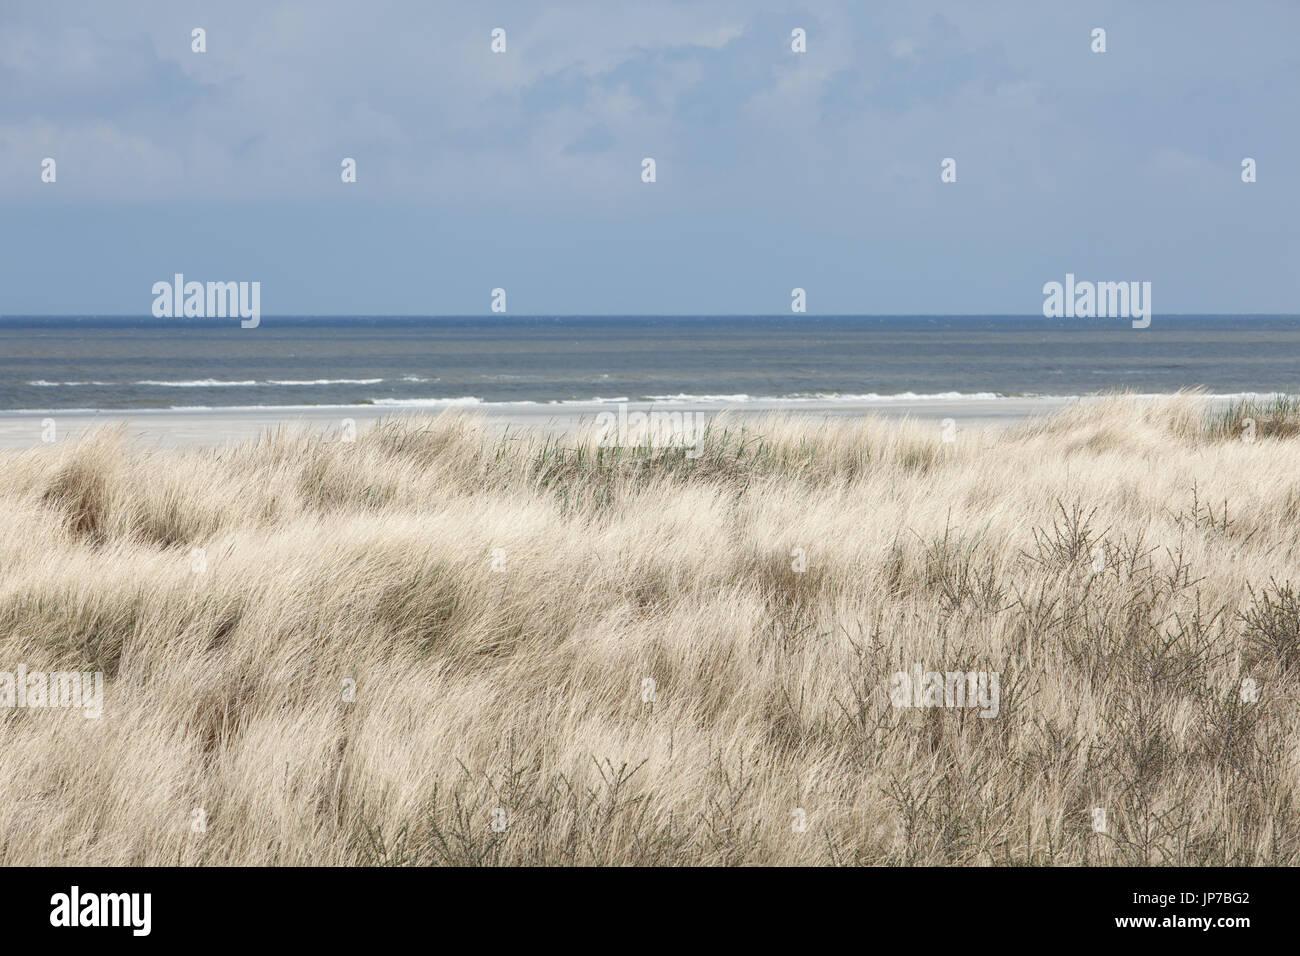 Europe, Germany, Friesland, Langeoog - Ein ruhiger Frühlingsmorgen auf Langeoog .  A silent spring morning on Langeoog Germany - Stock Image